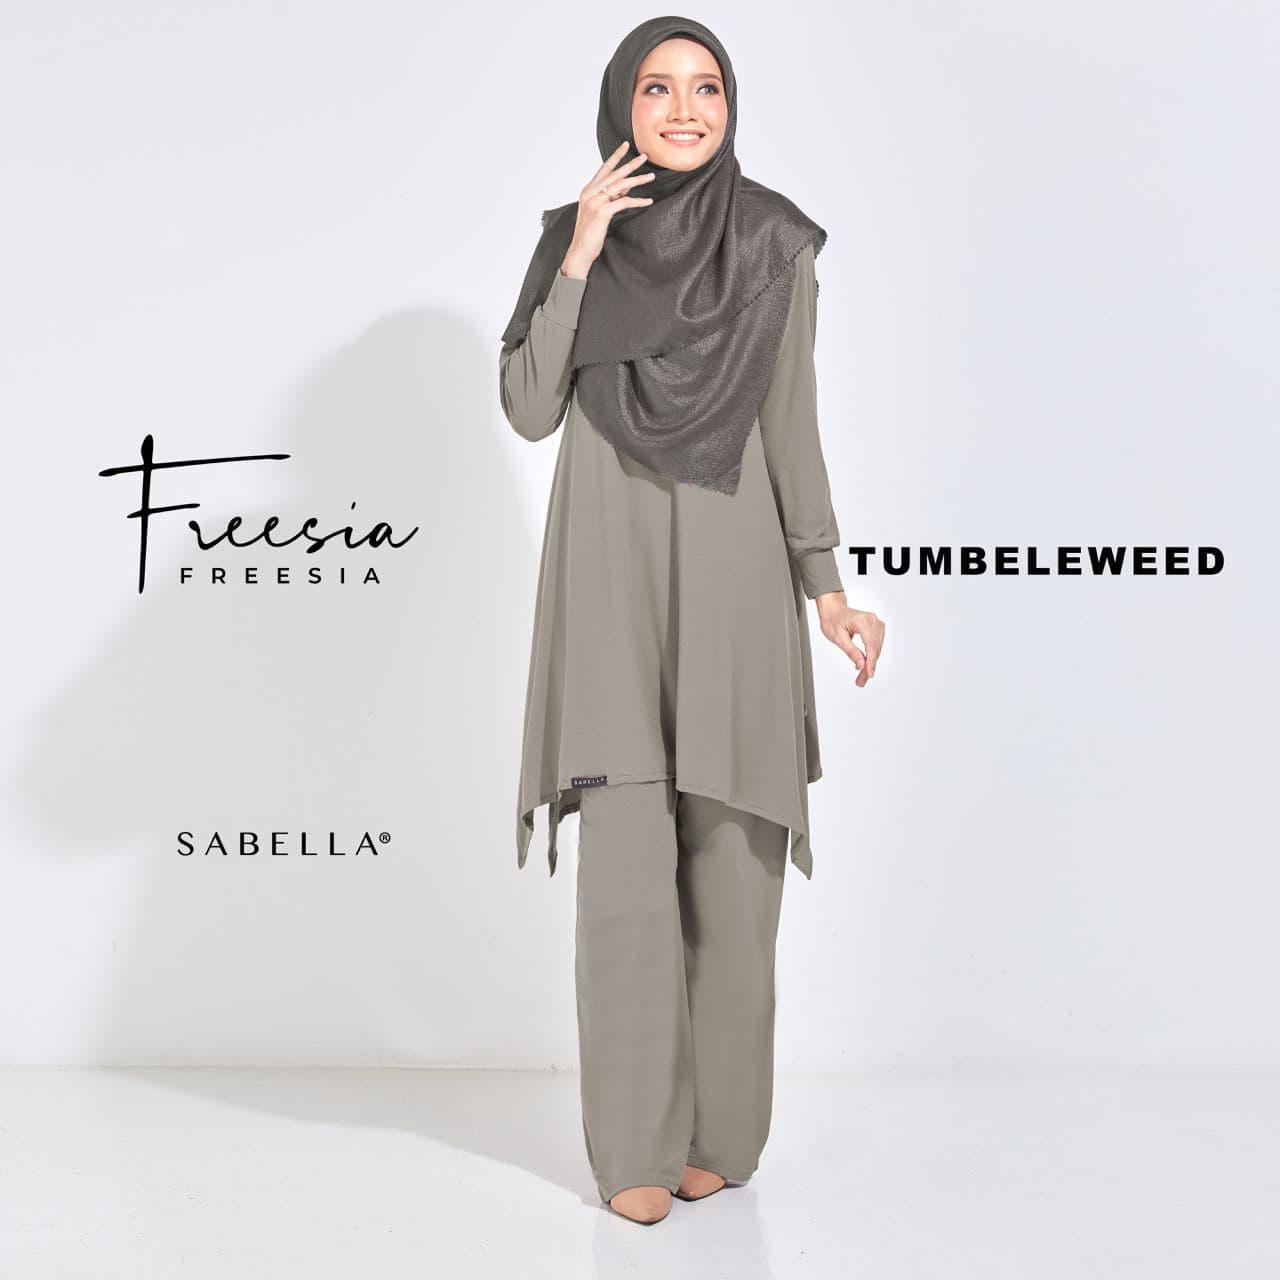 Freesia Tumbleweed (R)